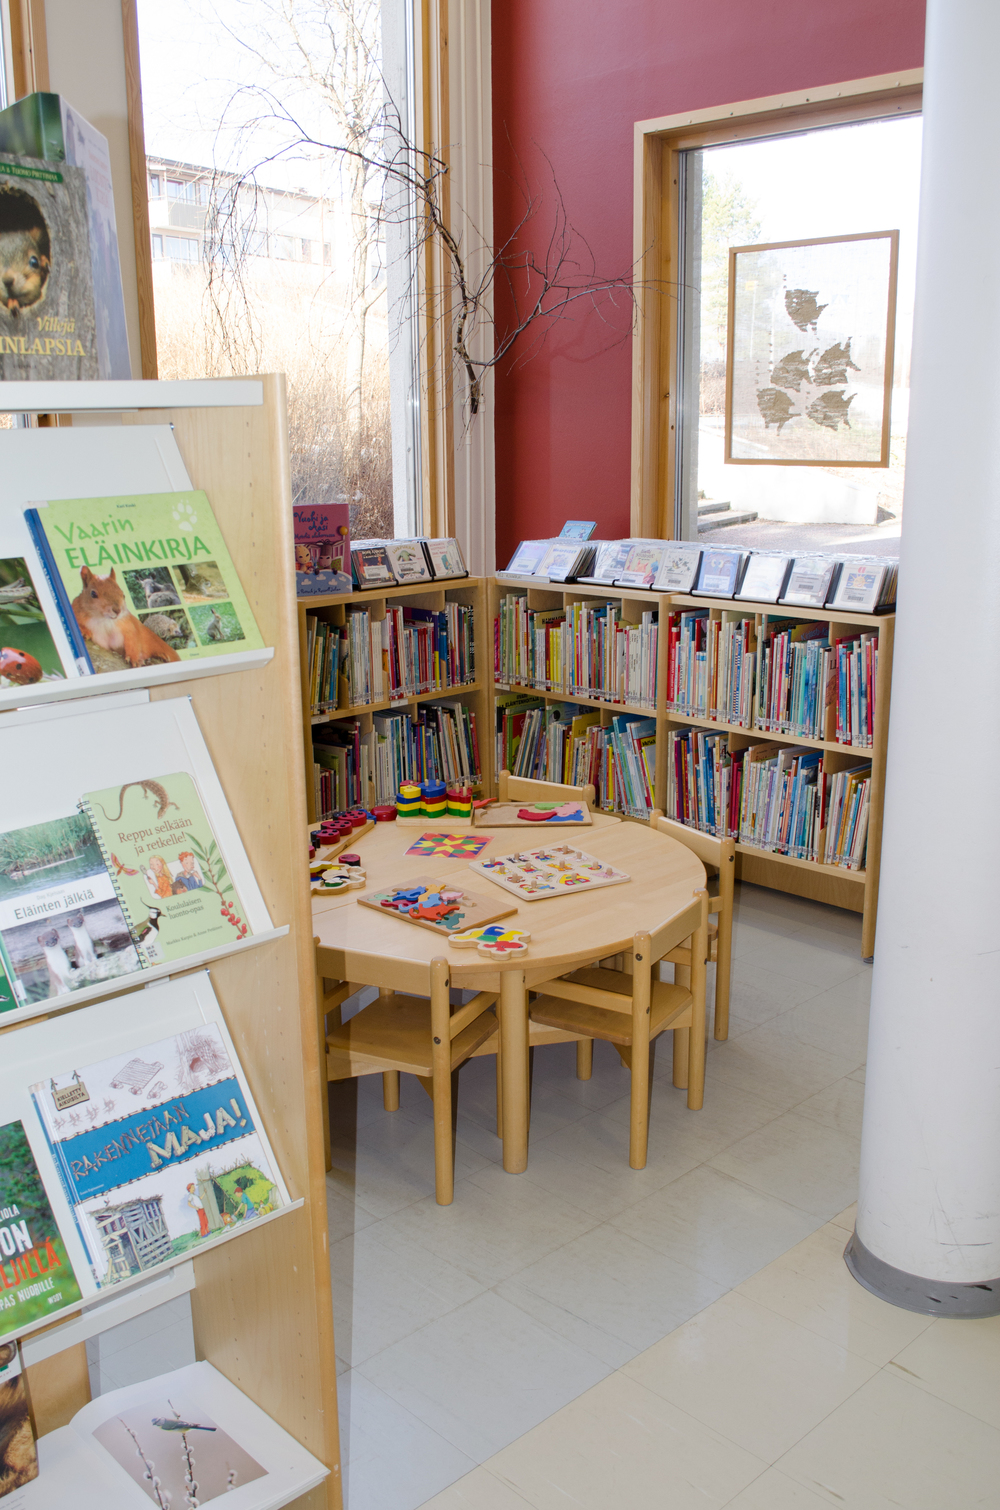 Naarajärven lasten- ja nuortenkirjasto